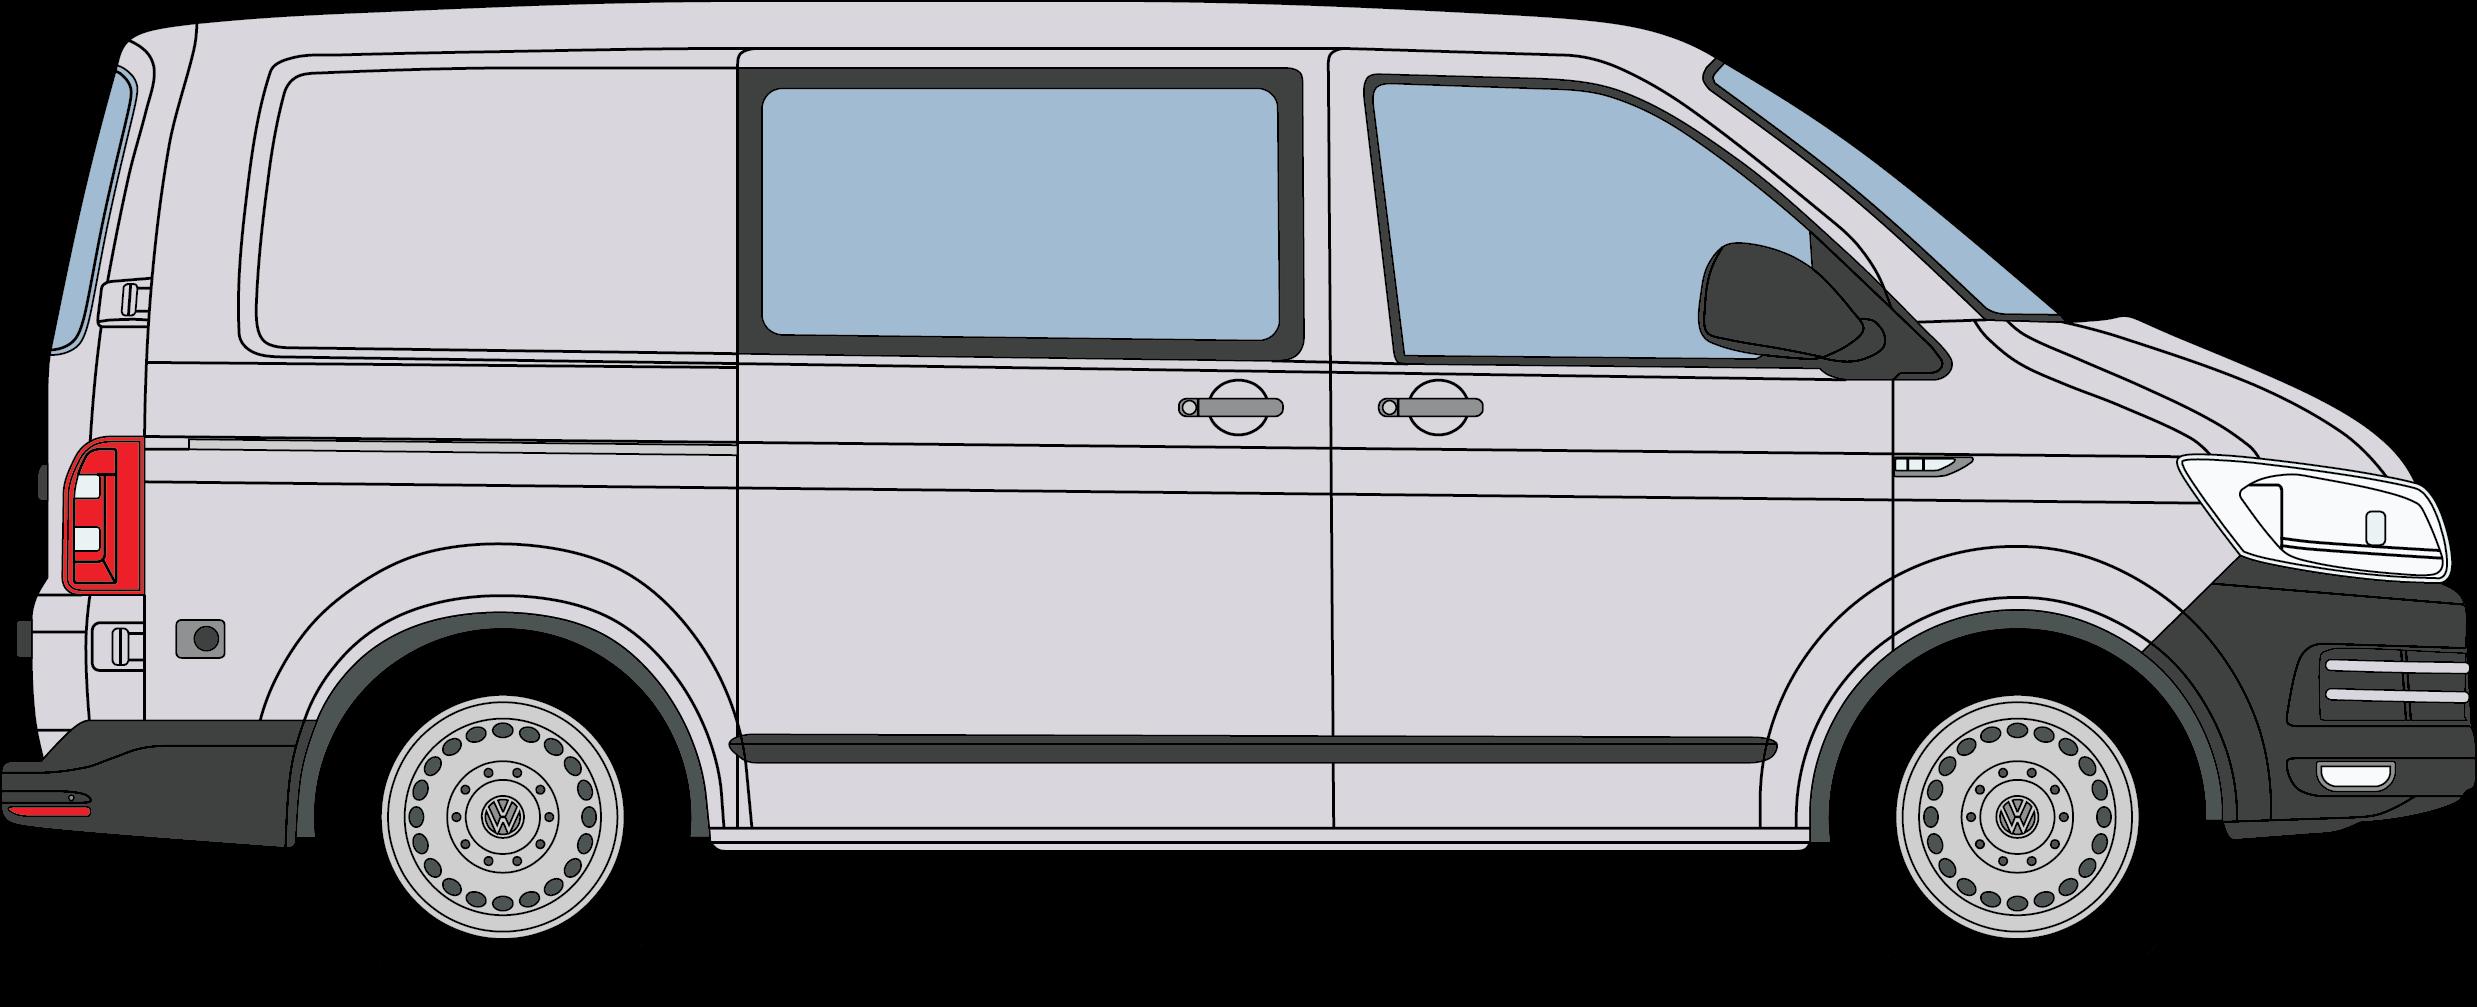 Volkswagen Transporter Crew Van